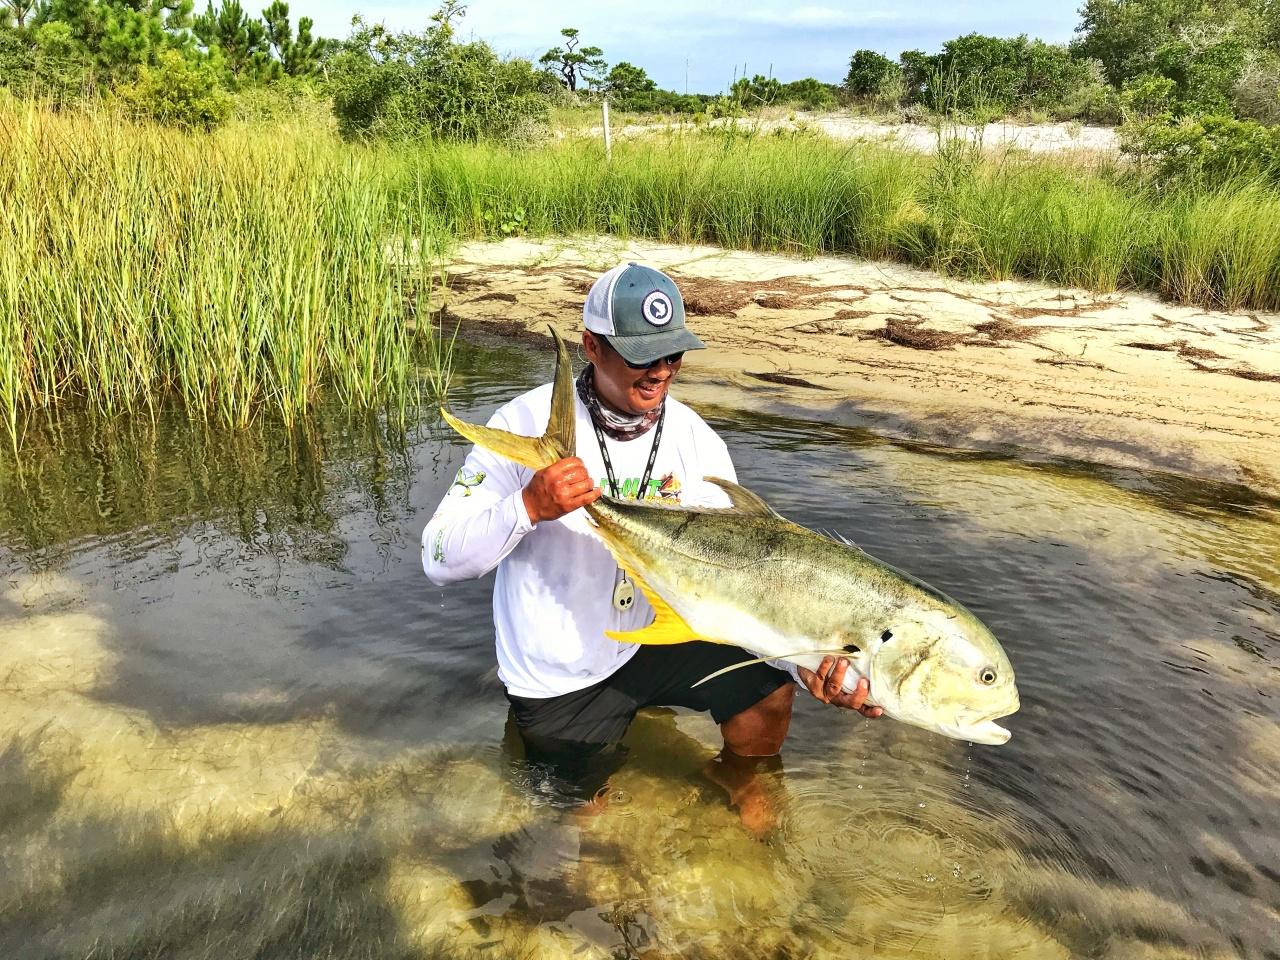 Best Fighting fish on the flats-5287e04b-144b-4ba0-97fd-c8b9bfcece8d-jpg